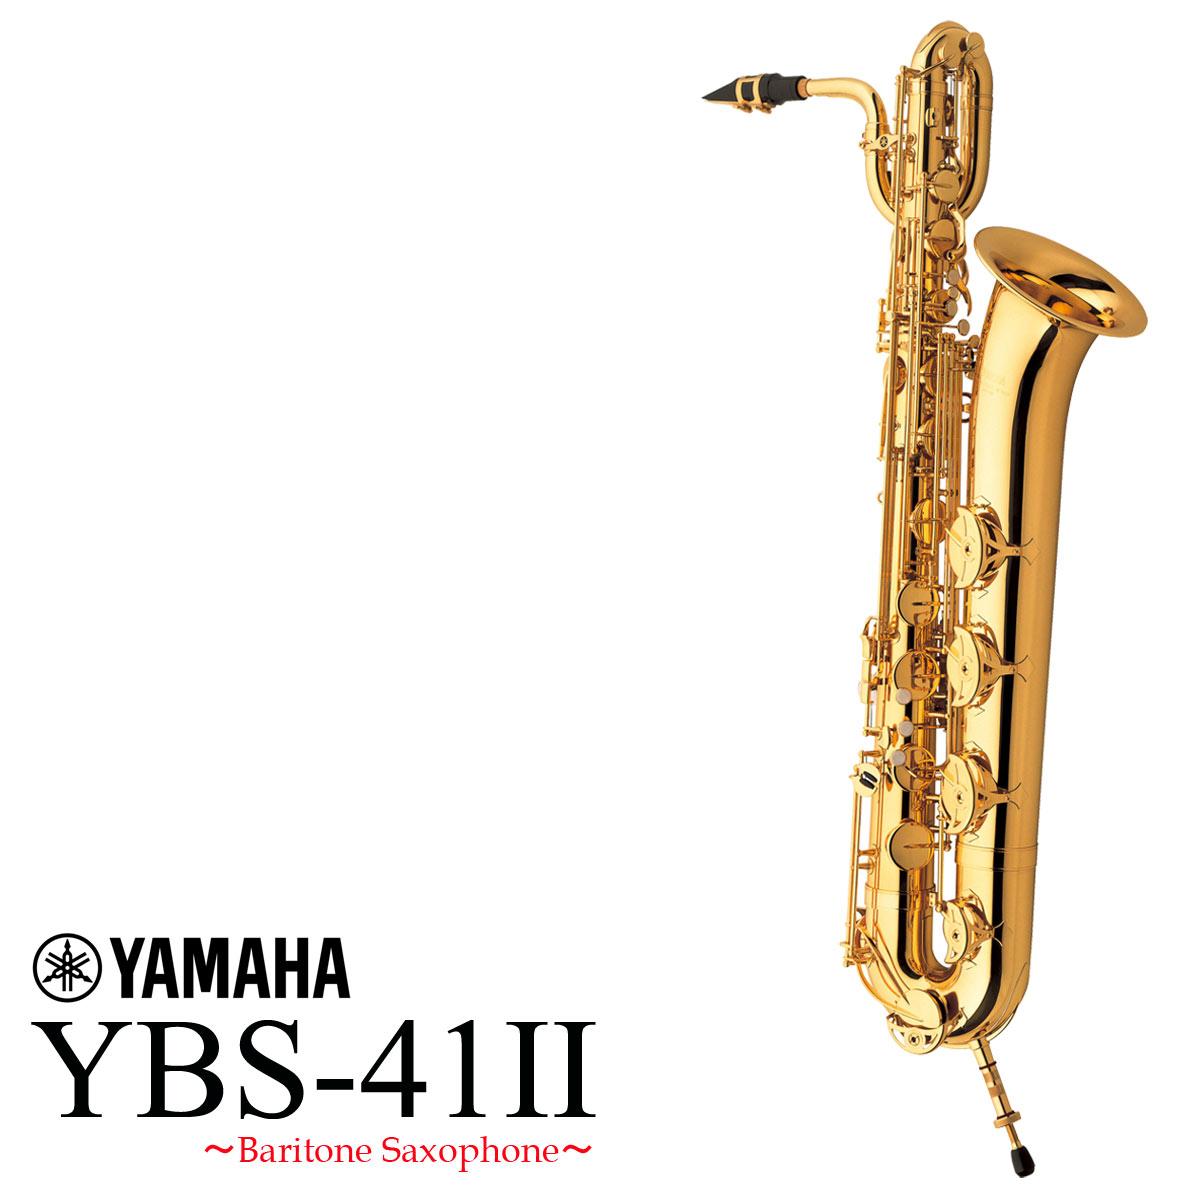 YAMAHA / YBS-41II ヤマハ バリトンサックス YBS41II 《未展示倉庫保管の新品をお届け※もちろん出荷前調整》《5年保証》